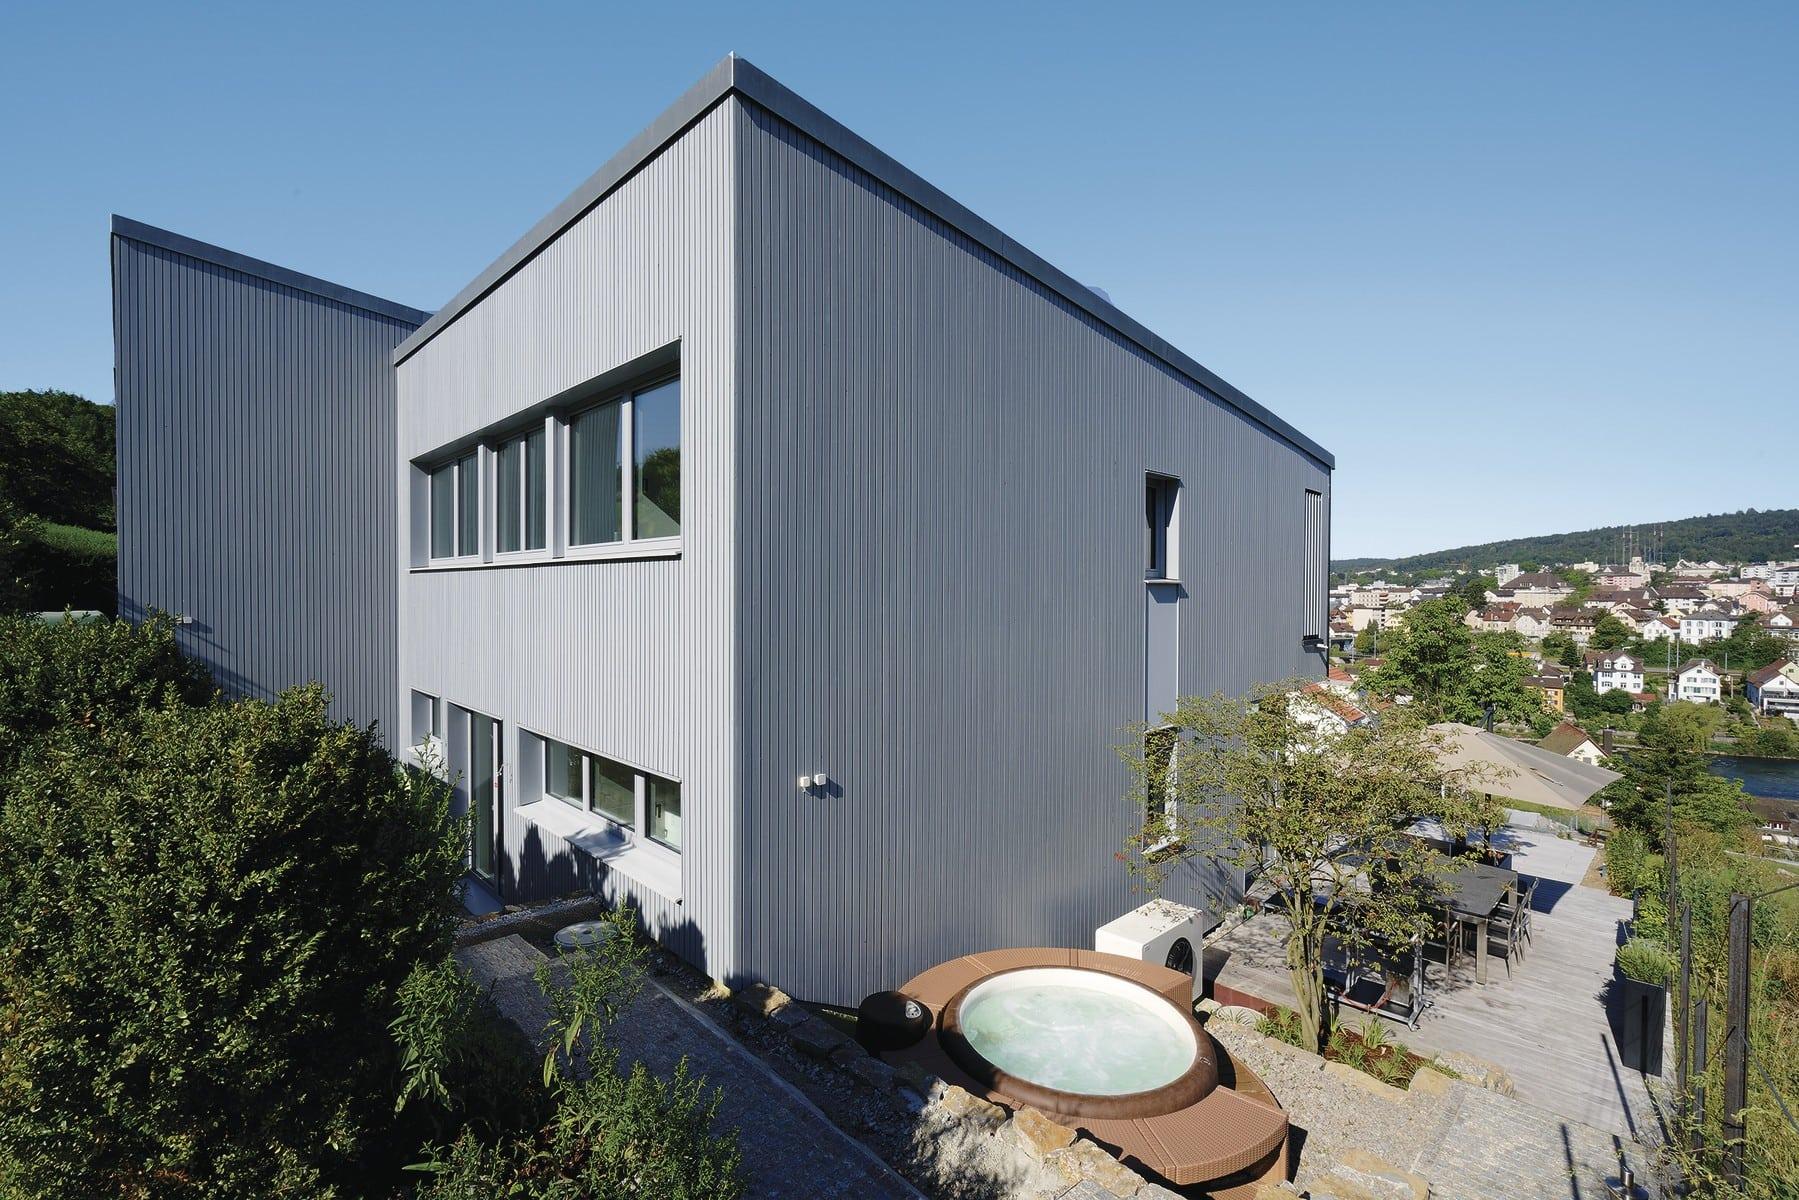 Doppelhaus modern am Hang mit Flachdach und Holz Fassade in Grau bauen - WeberHaus Fertighaus - HausbauDirekt.de